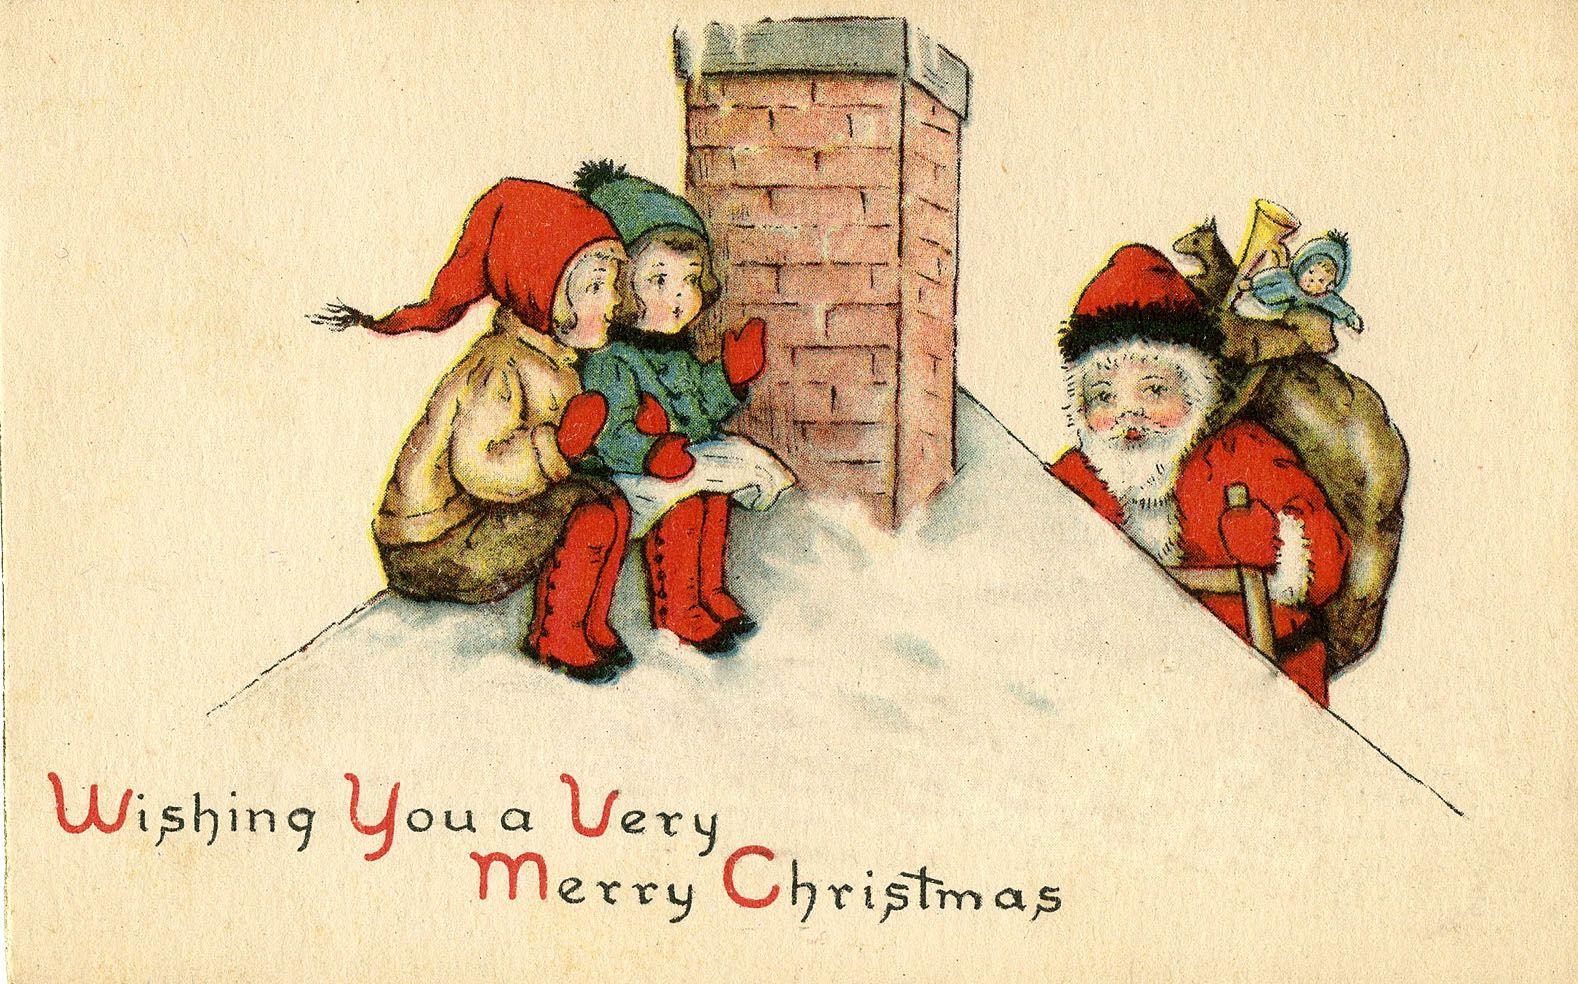 смотреть английские открытки видим, селфи